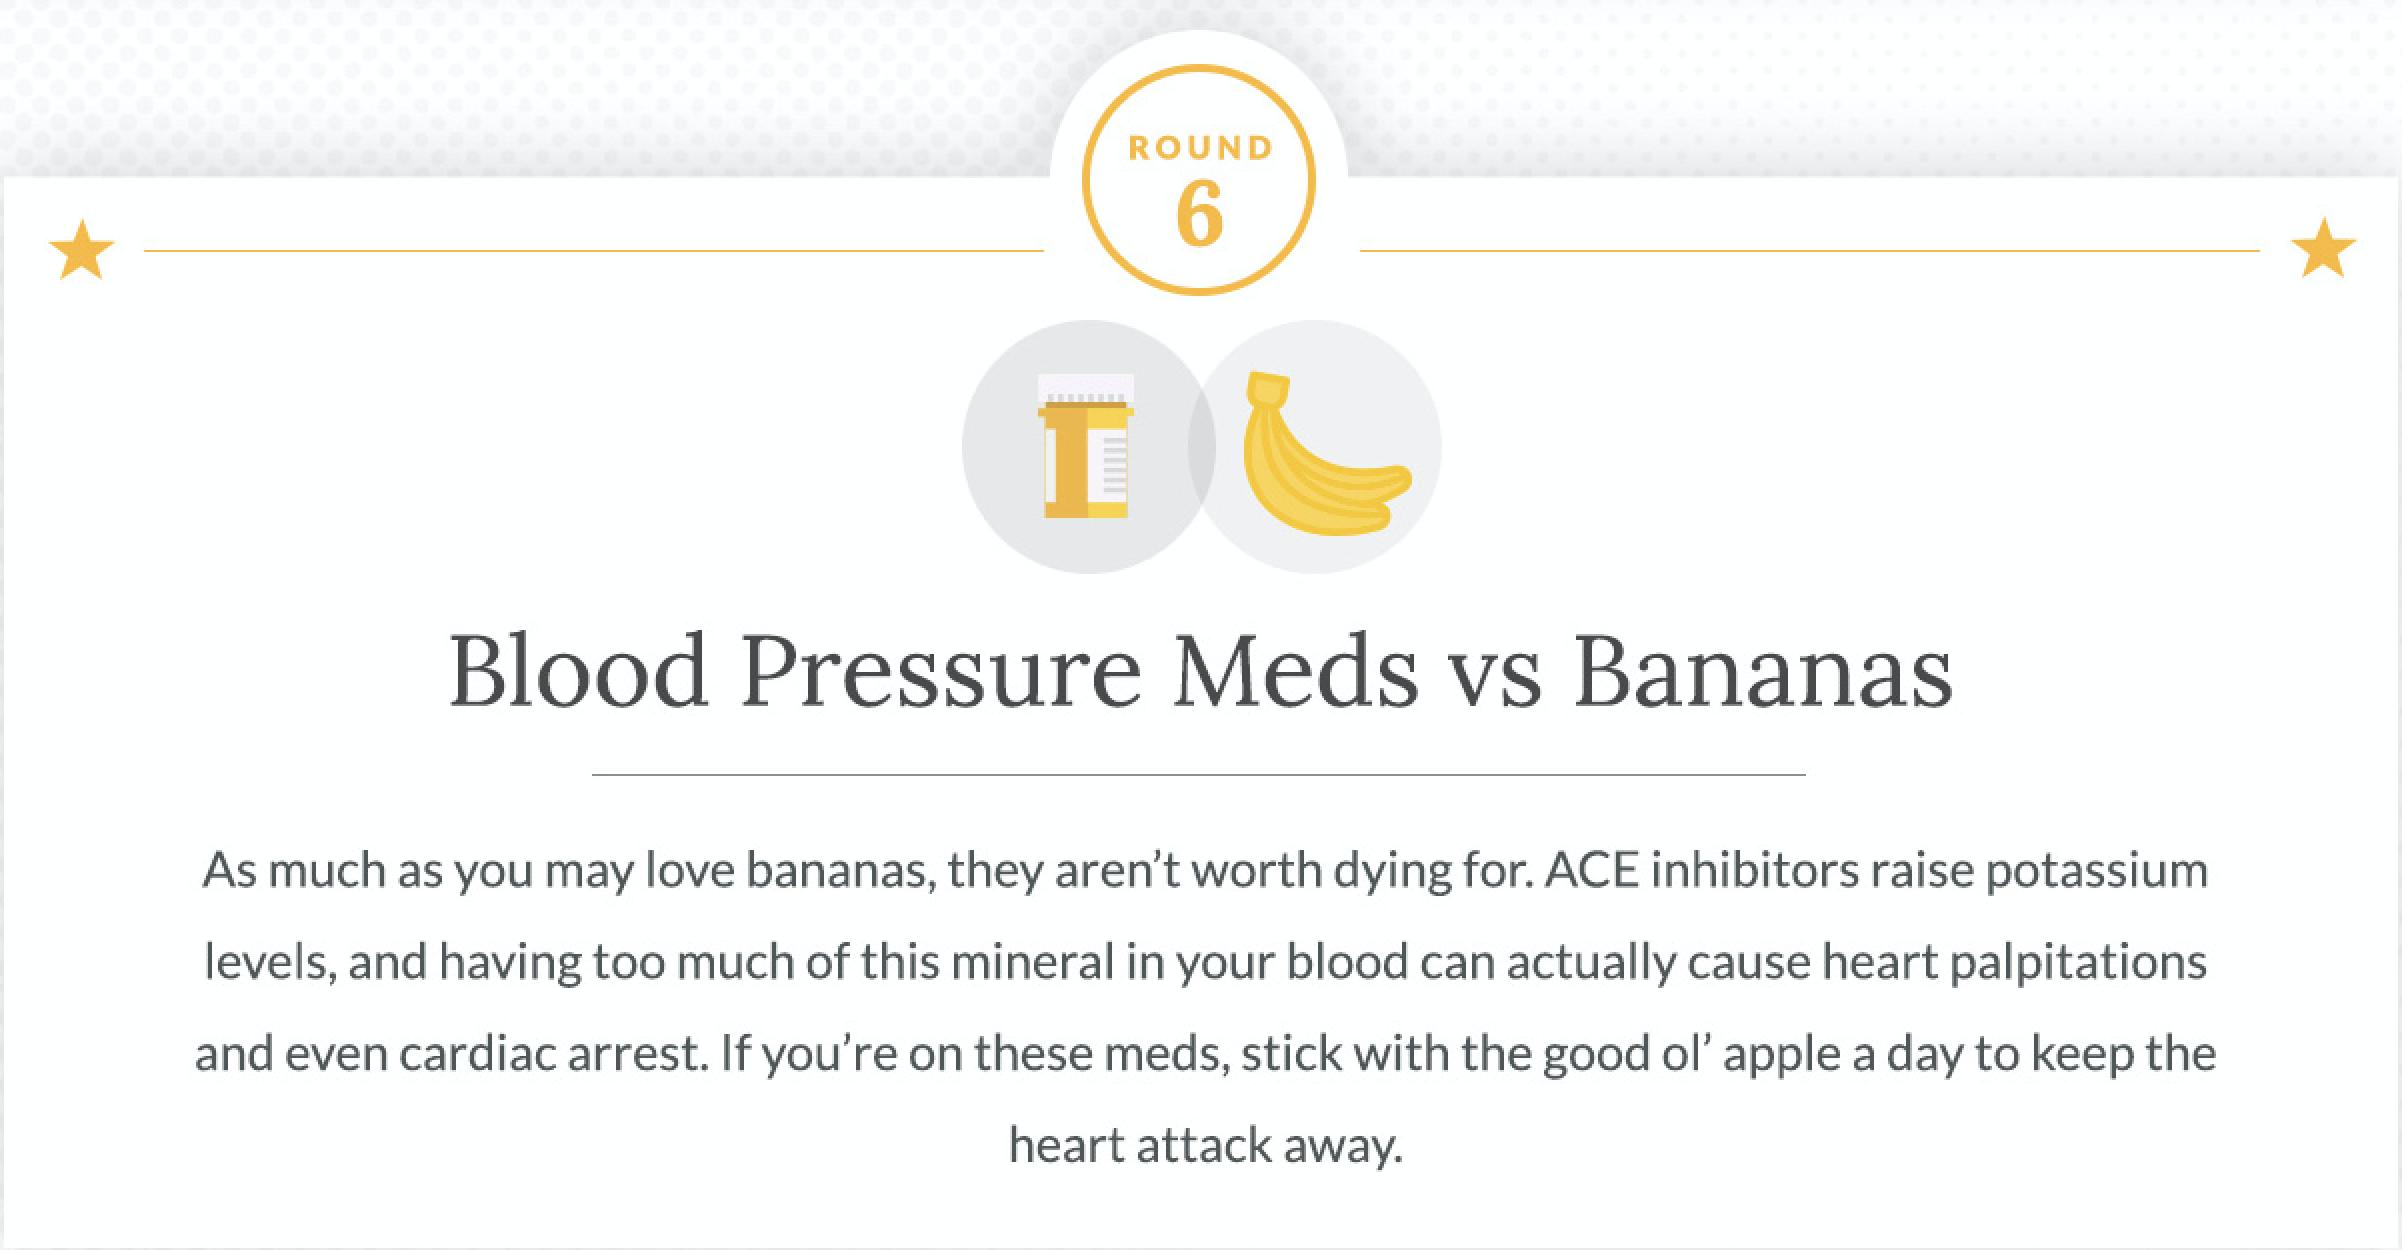 Blood Pressure Medications and Bananas